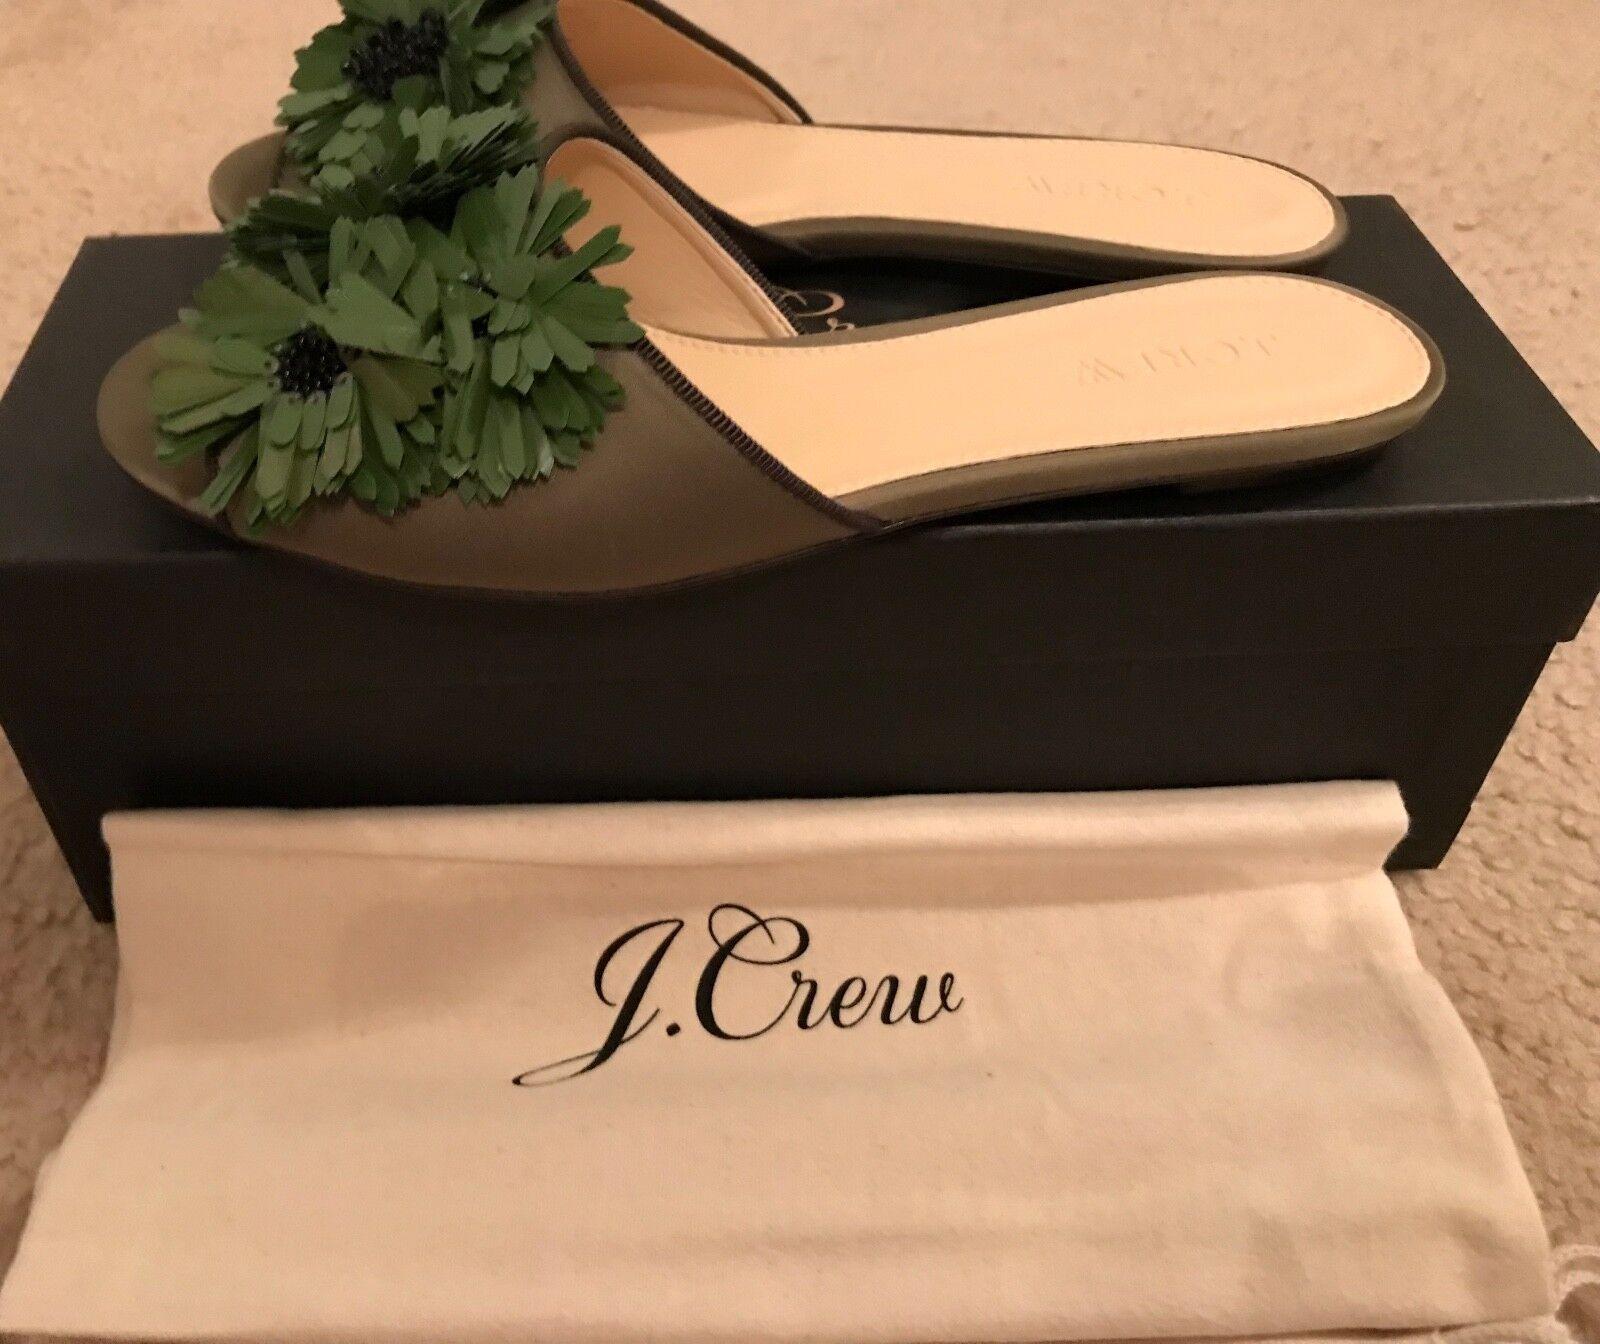 J.Crew Satin Rutschen mit Floral Olive Verzierungen GRÖSSE 6m Tuscan Olive Floral G8895 bb751f